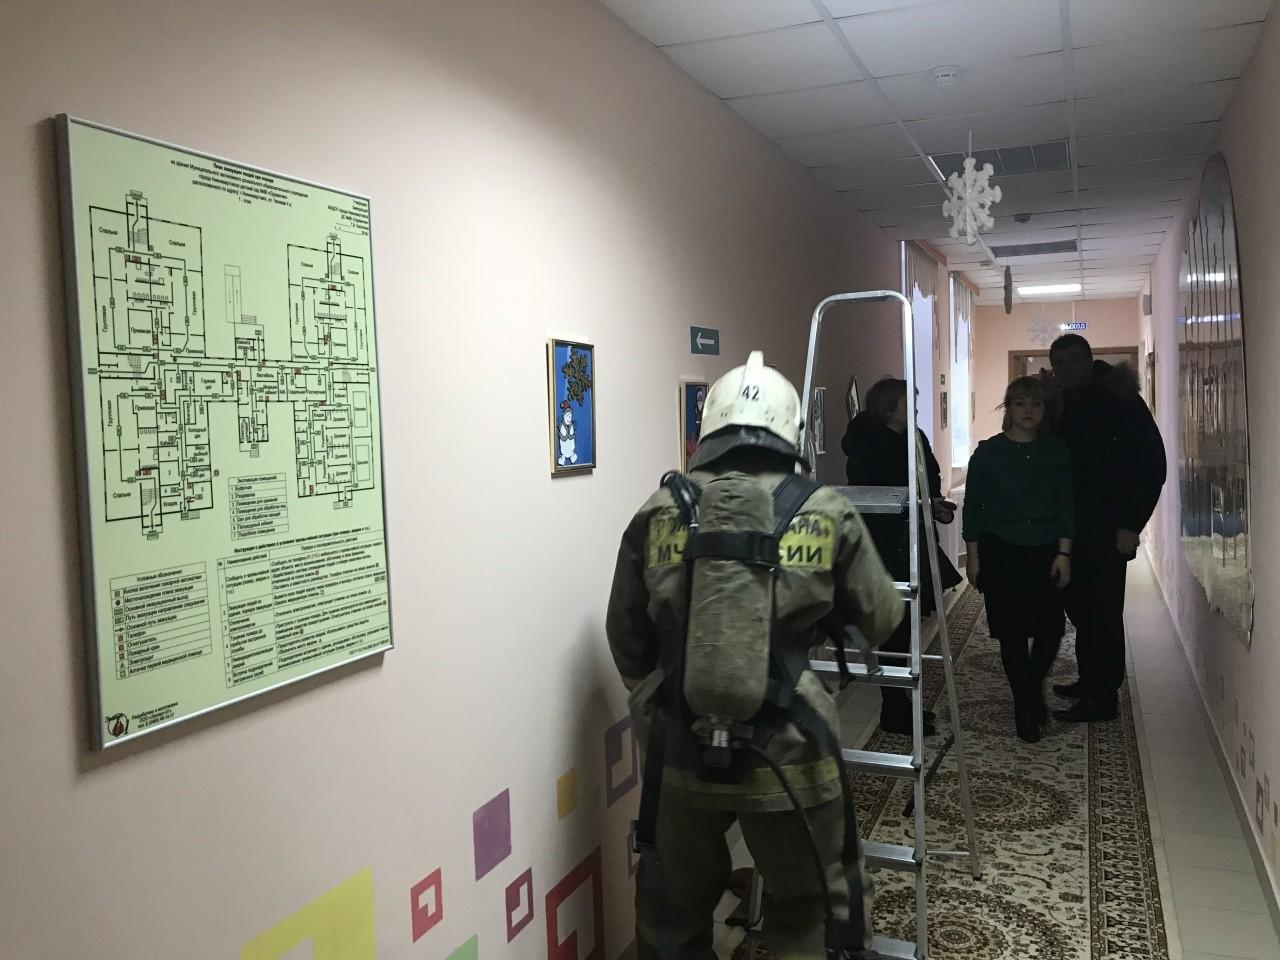 Сегодня произошла эвакуация в одном из детских садов Нижневартовска